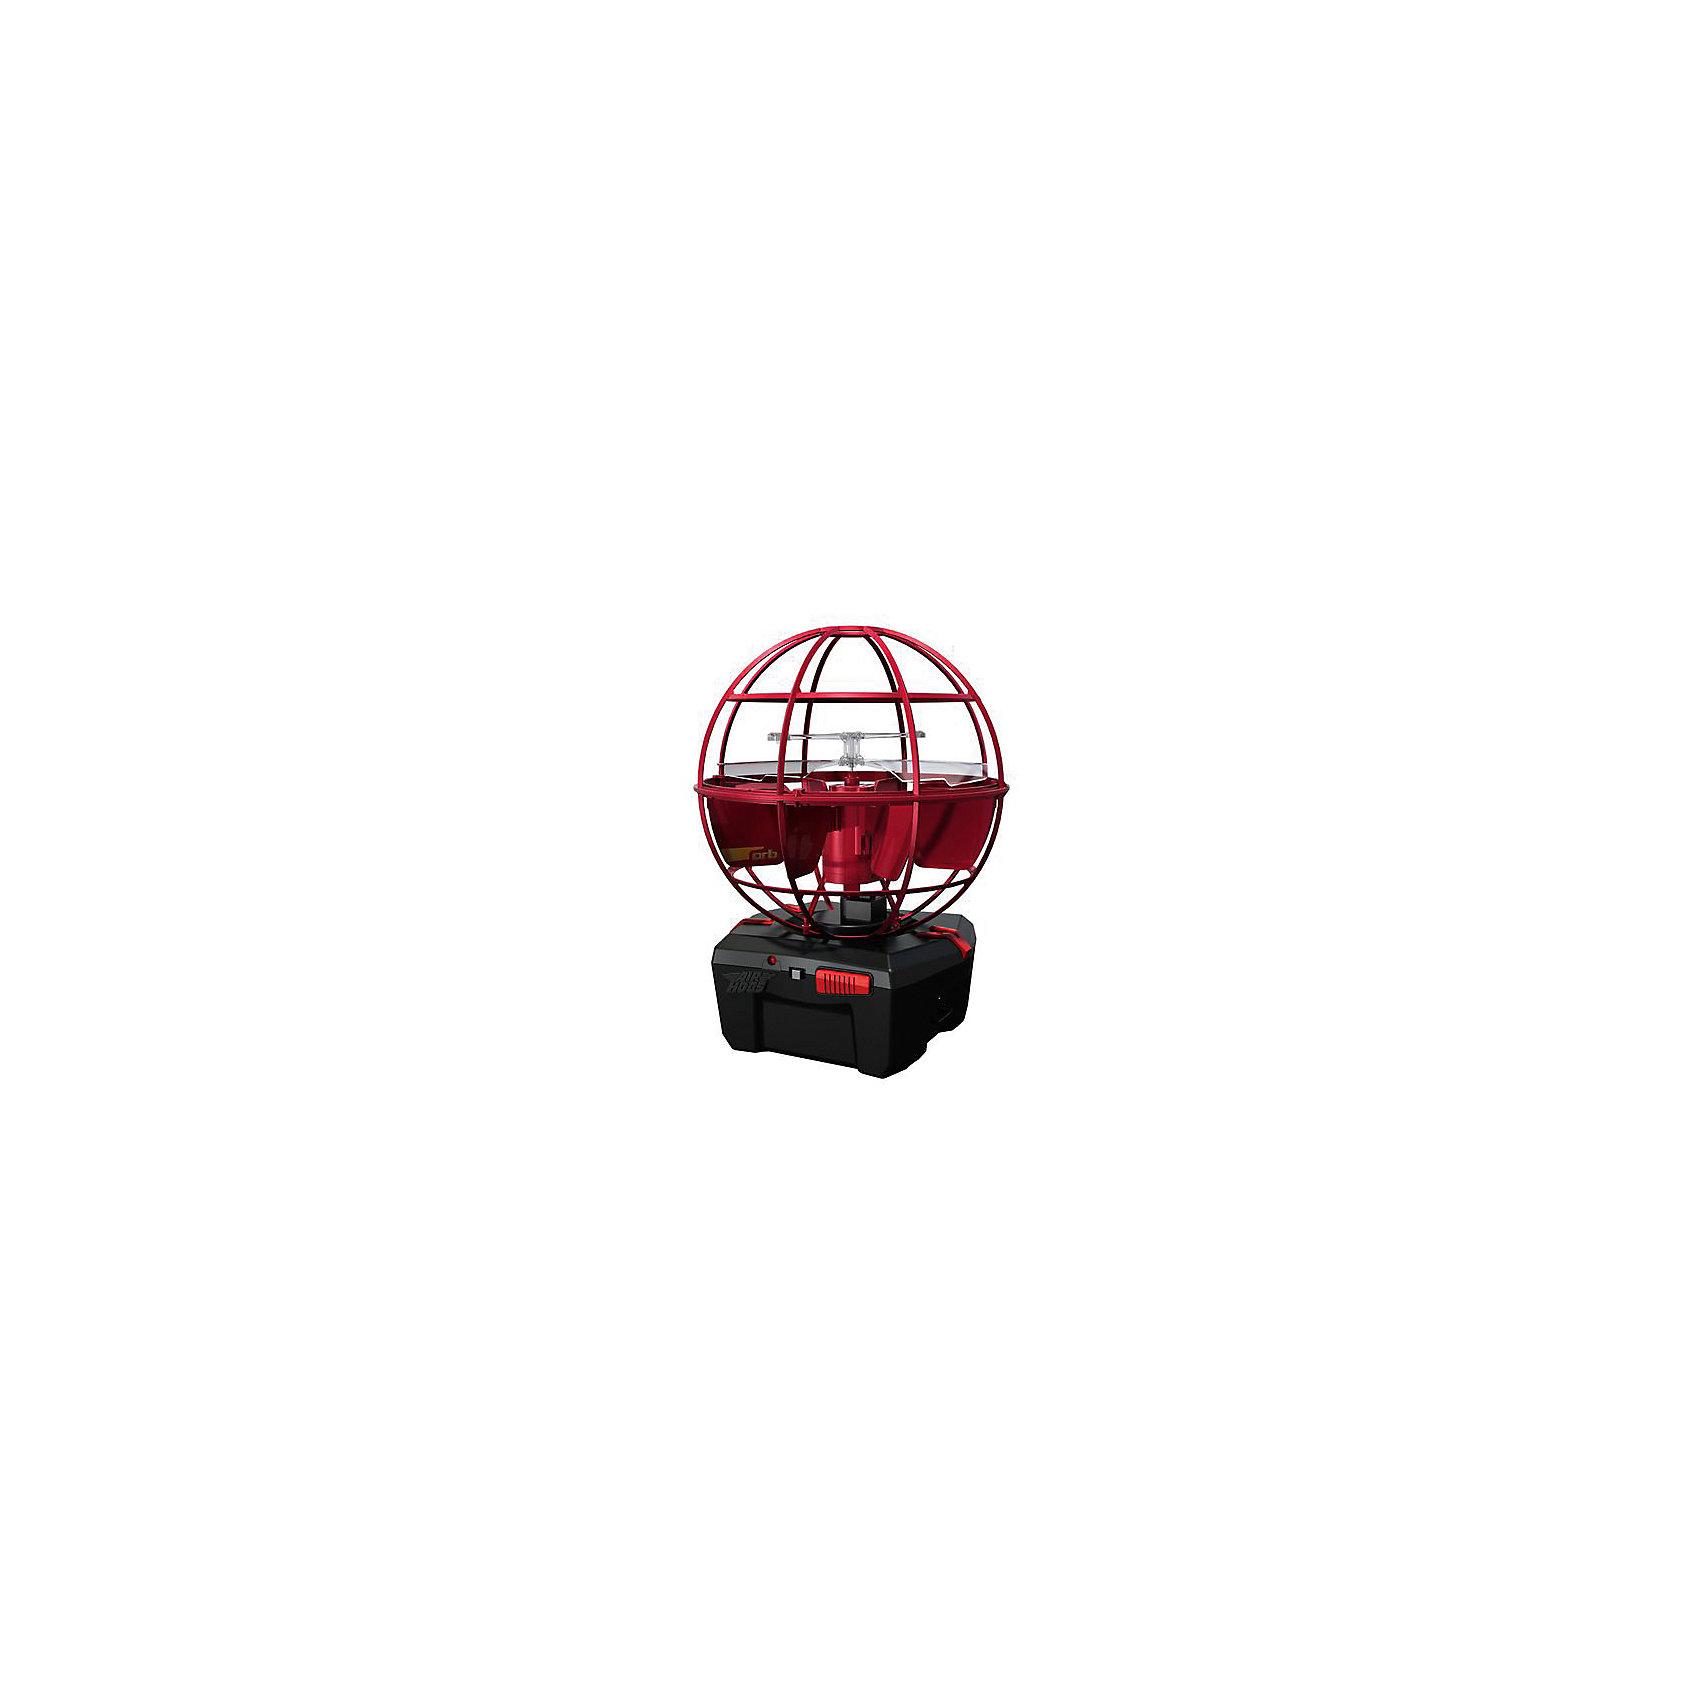 Игрушка НЛО Летающий шар, красно-черный, AIR HOGSИнтерактивные игрушки для малышей<br>Характеристики:<br><br>• световые эффекты – подсветка шара;<br>• наличие сенсоров;<br>• ударопрочный шар, не разбивается при падении;<br>• для подзарядки шара используется подставка-база;<br>• тип батареек: 6 шт. типа АА;<br>• батарейки в комплект не входят;<br>• комплектация: летающий шар, зарядное устройство;<br>• размер упаковки: 30х23х13 см.<br><br>НЛО Летающий шар сферической формы оснащен сенсорами. Шар можно перебрасывать друг другу, при столкновении с препятствием шар отталкивается от поверхности и меняет траекторию движения. <br><br>Игрушка НЛО Летающий шар, красно-черный, AIR HOGS можно купить в нашем магазине.<br><br>Ширина мм: 300<br>Глубина мм: 230<br>Высота мм: 130<br>Вес г: 419<br>Возраст от месяцев: 36<br>Возраст до месяцев: 2147483647<br>Пол: Мужской<br>Возраст: Детский<br>SKU: 5255002